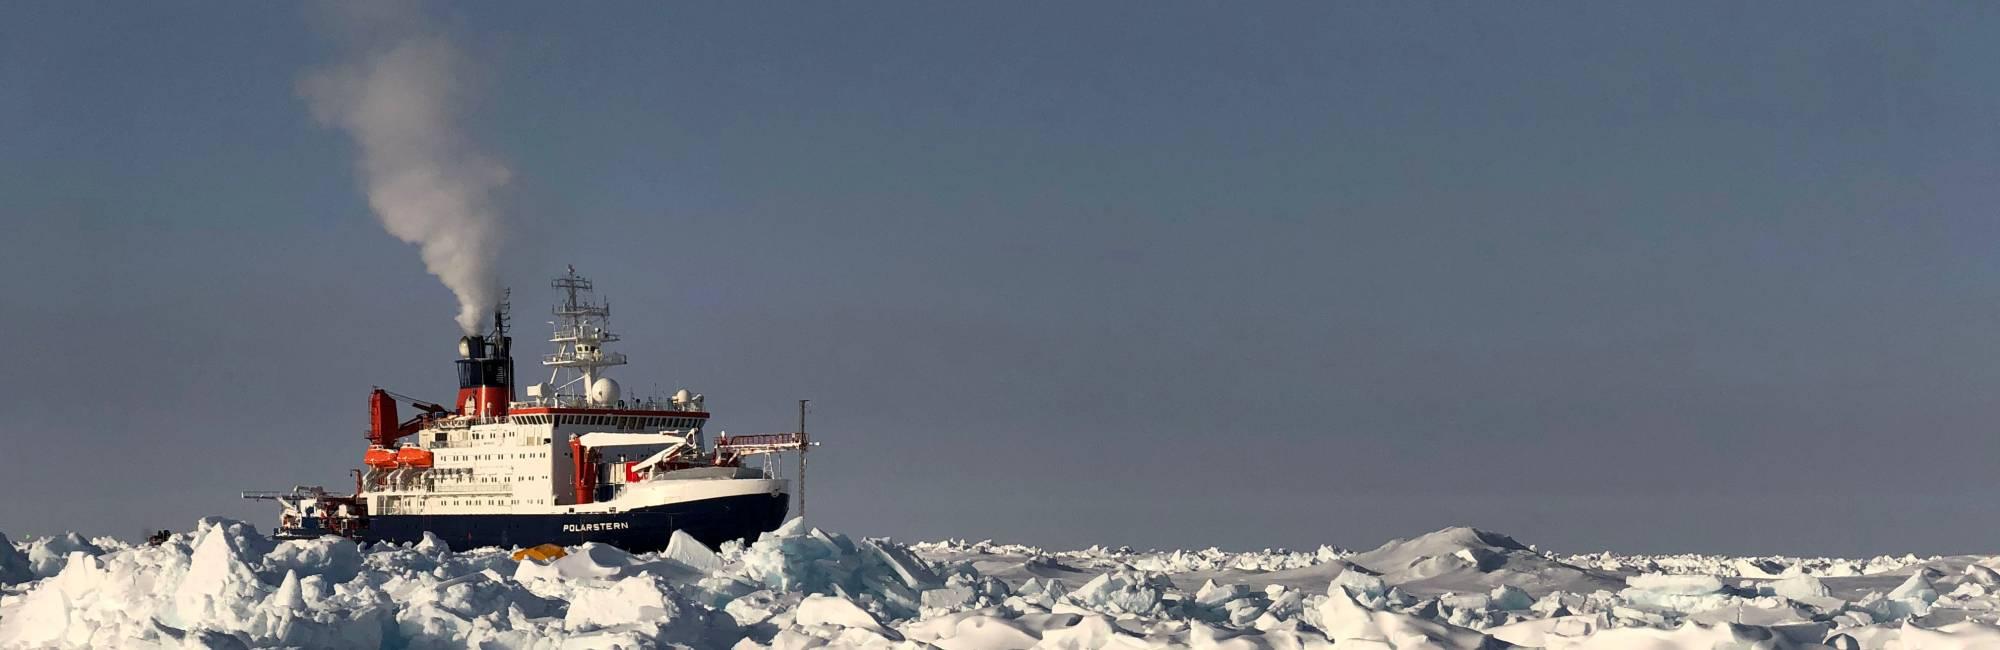 ship frozen into rough ice